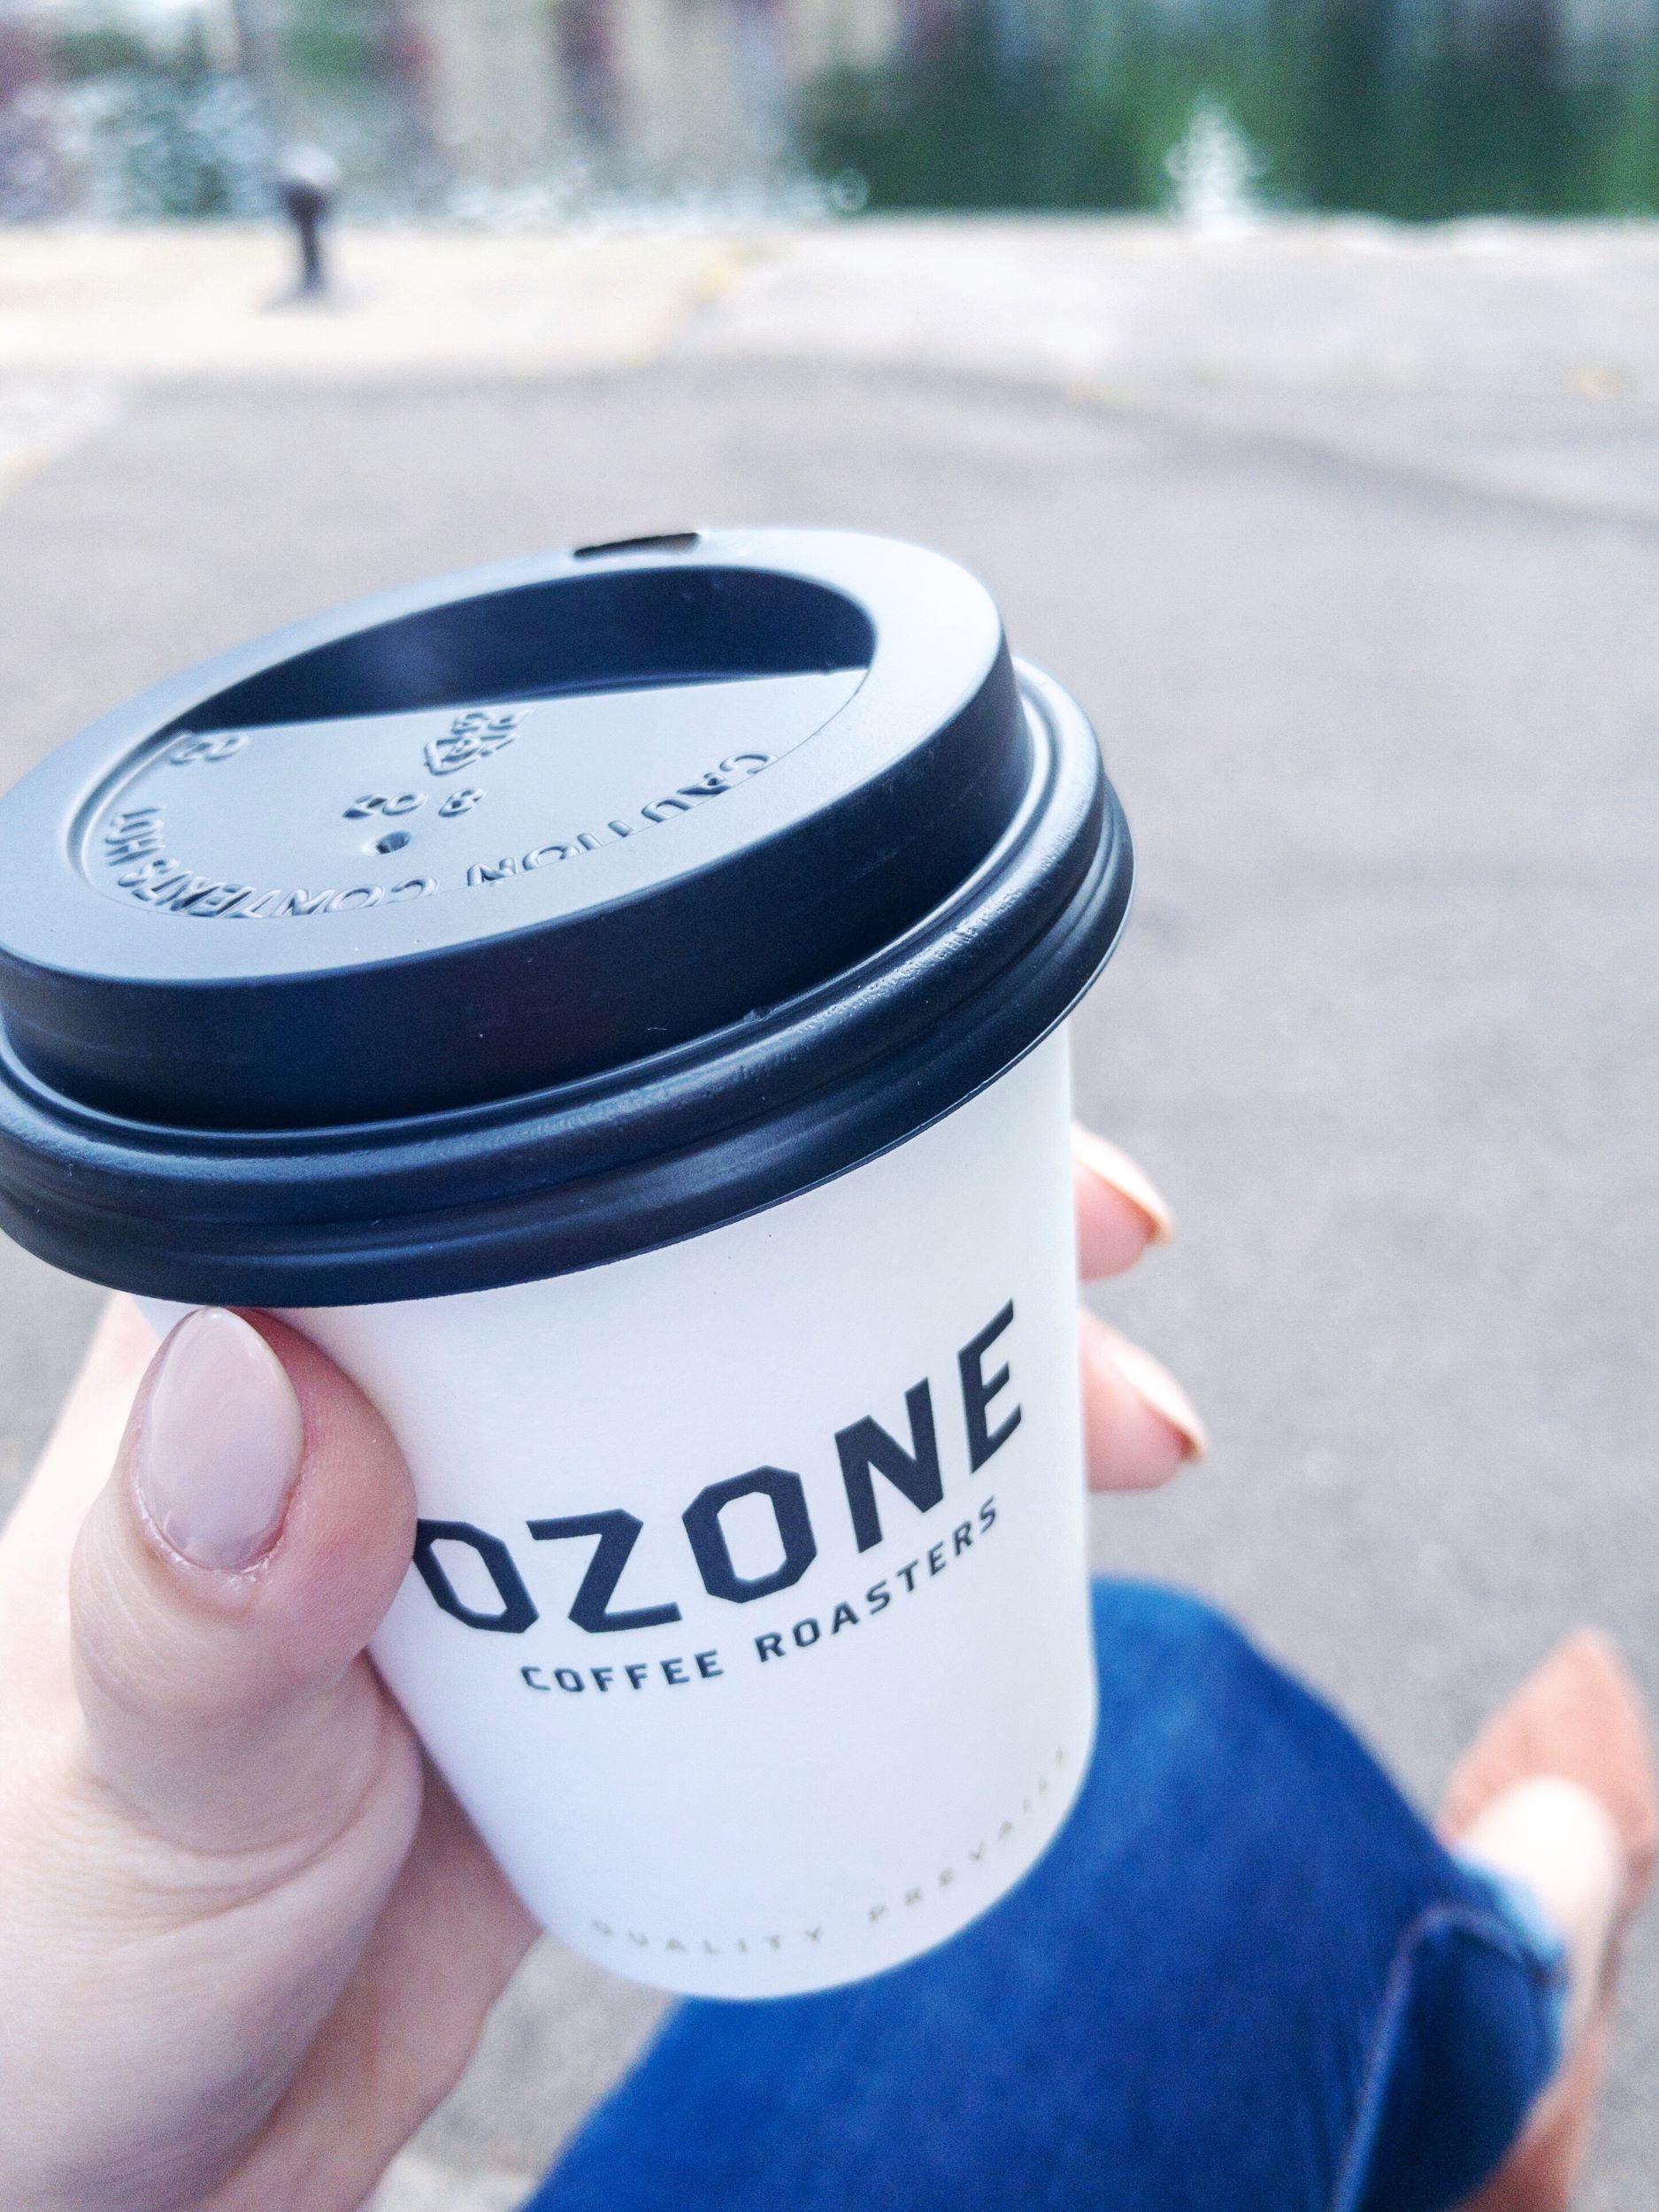 Ozone Coffee Roasters London.JPG